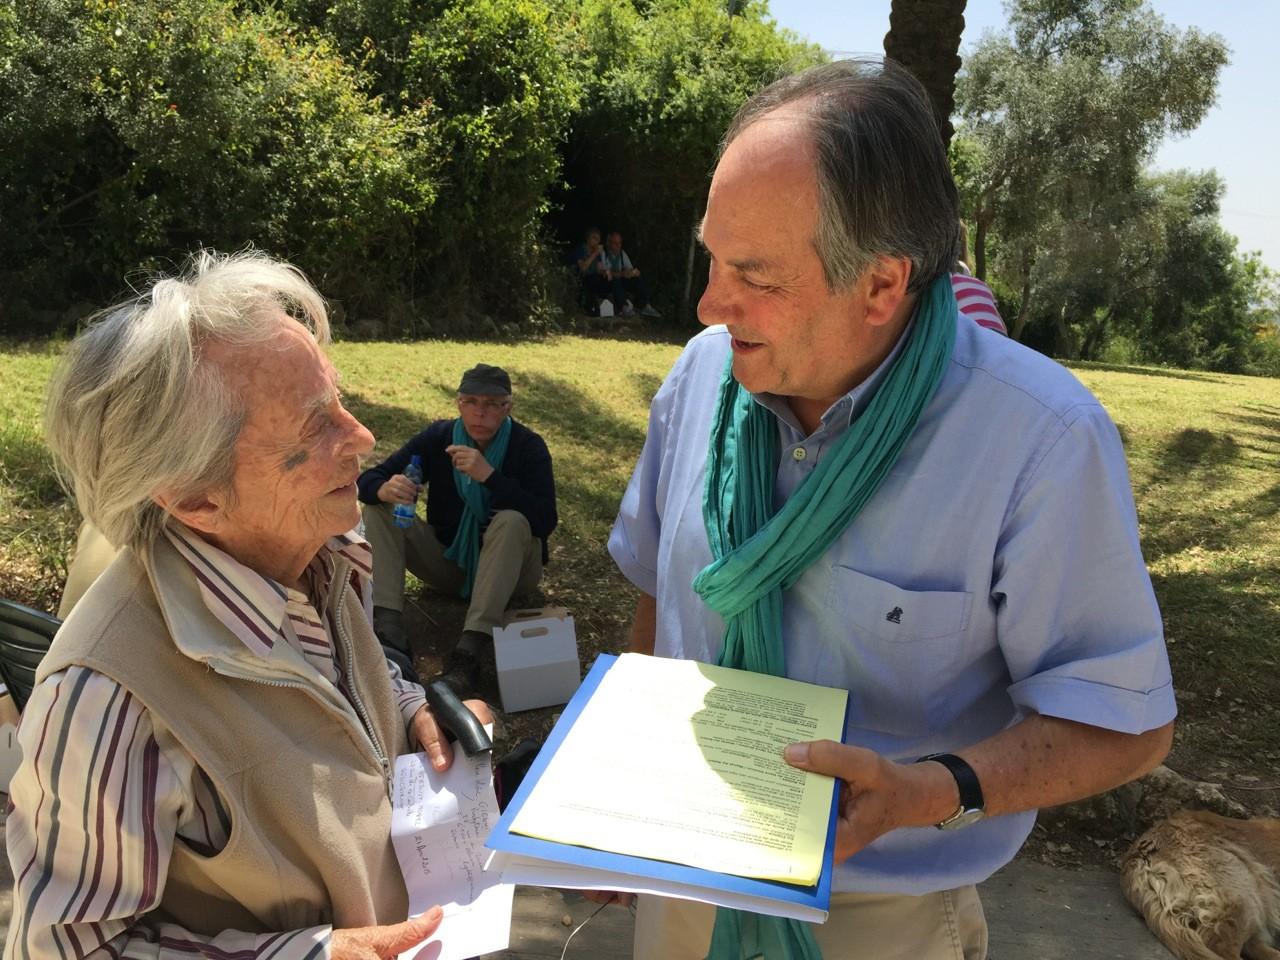 """Une autre rencontre : Anne Le Meignen fondatrice de """"Neve Shalom"""" où cohabitent ensemble des Arabes, juifs et chrétiens (ici avec Eric Hénault Morel, frère de Thierry)"""